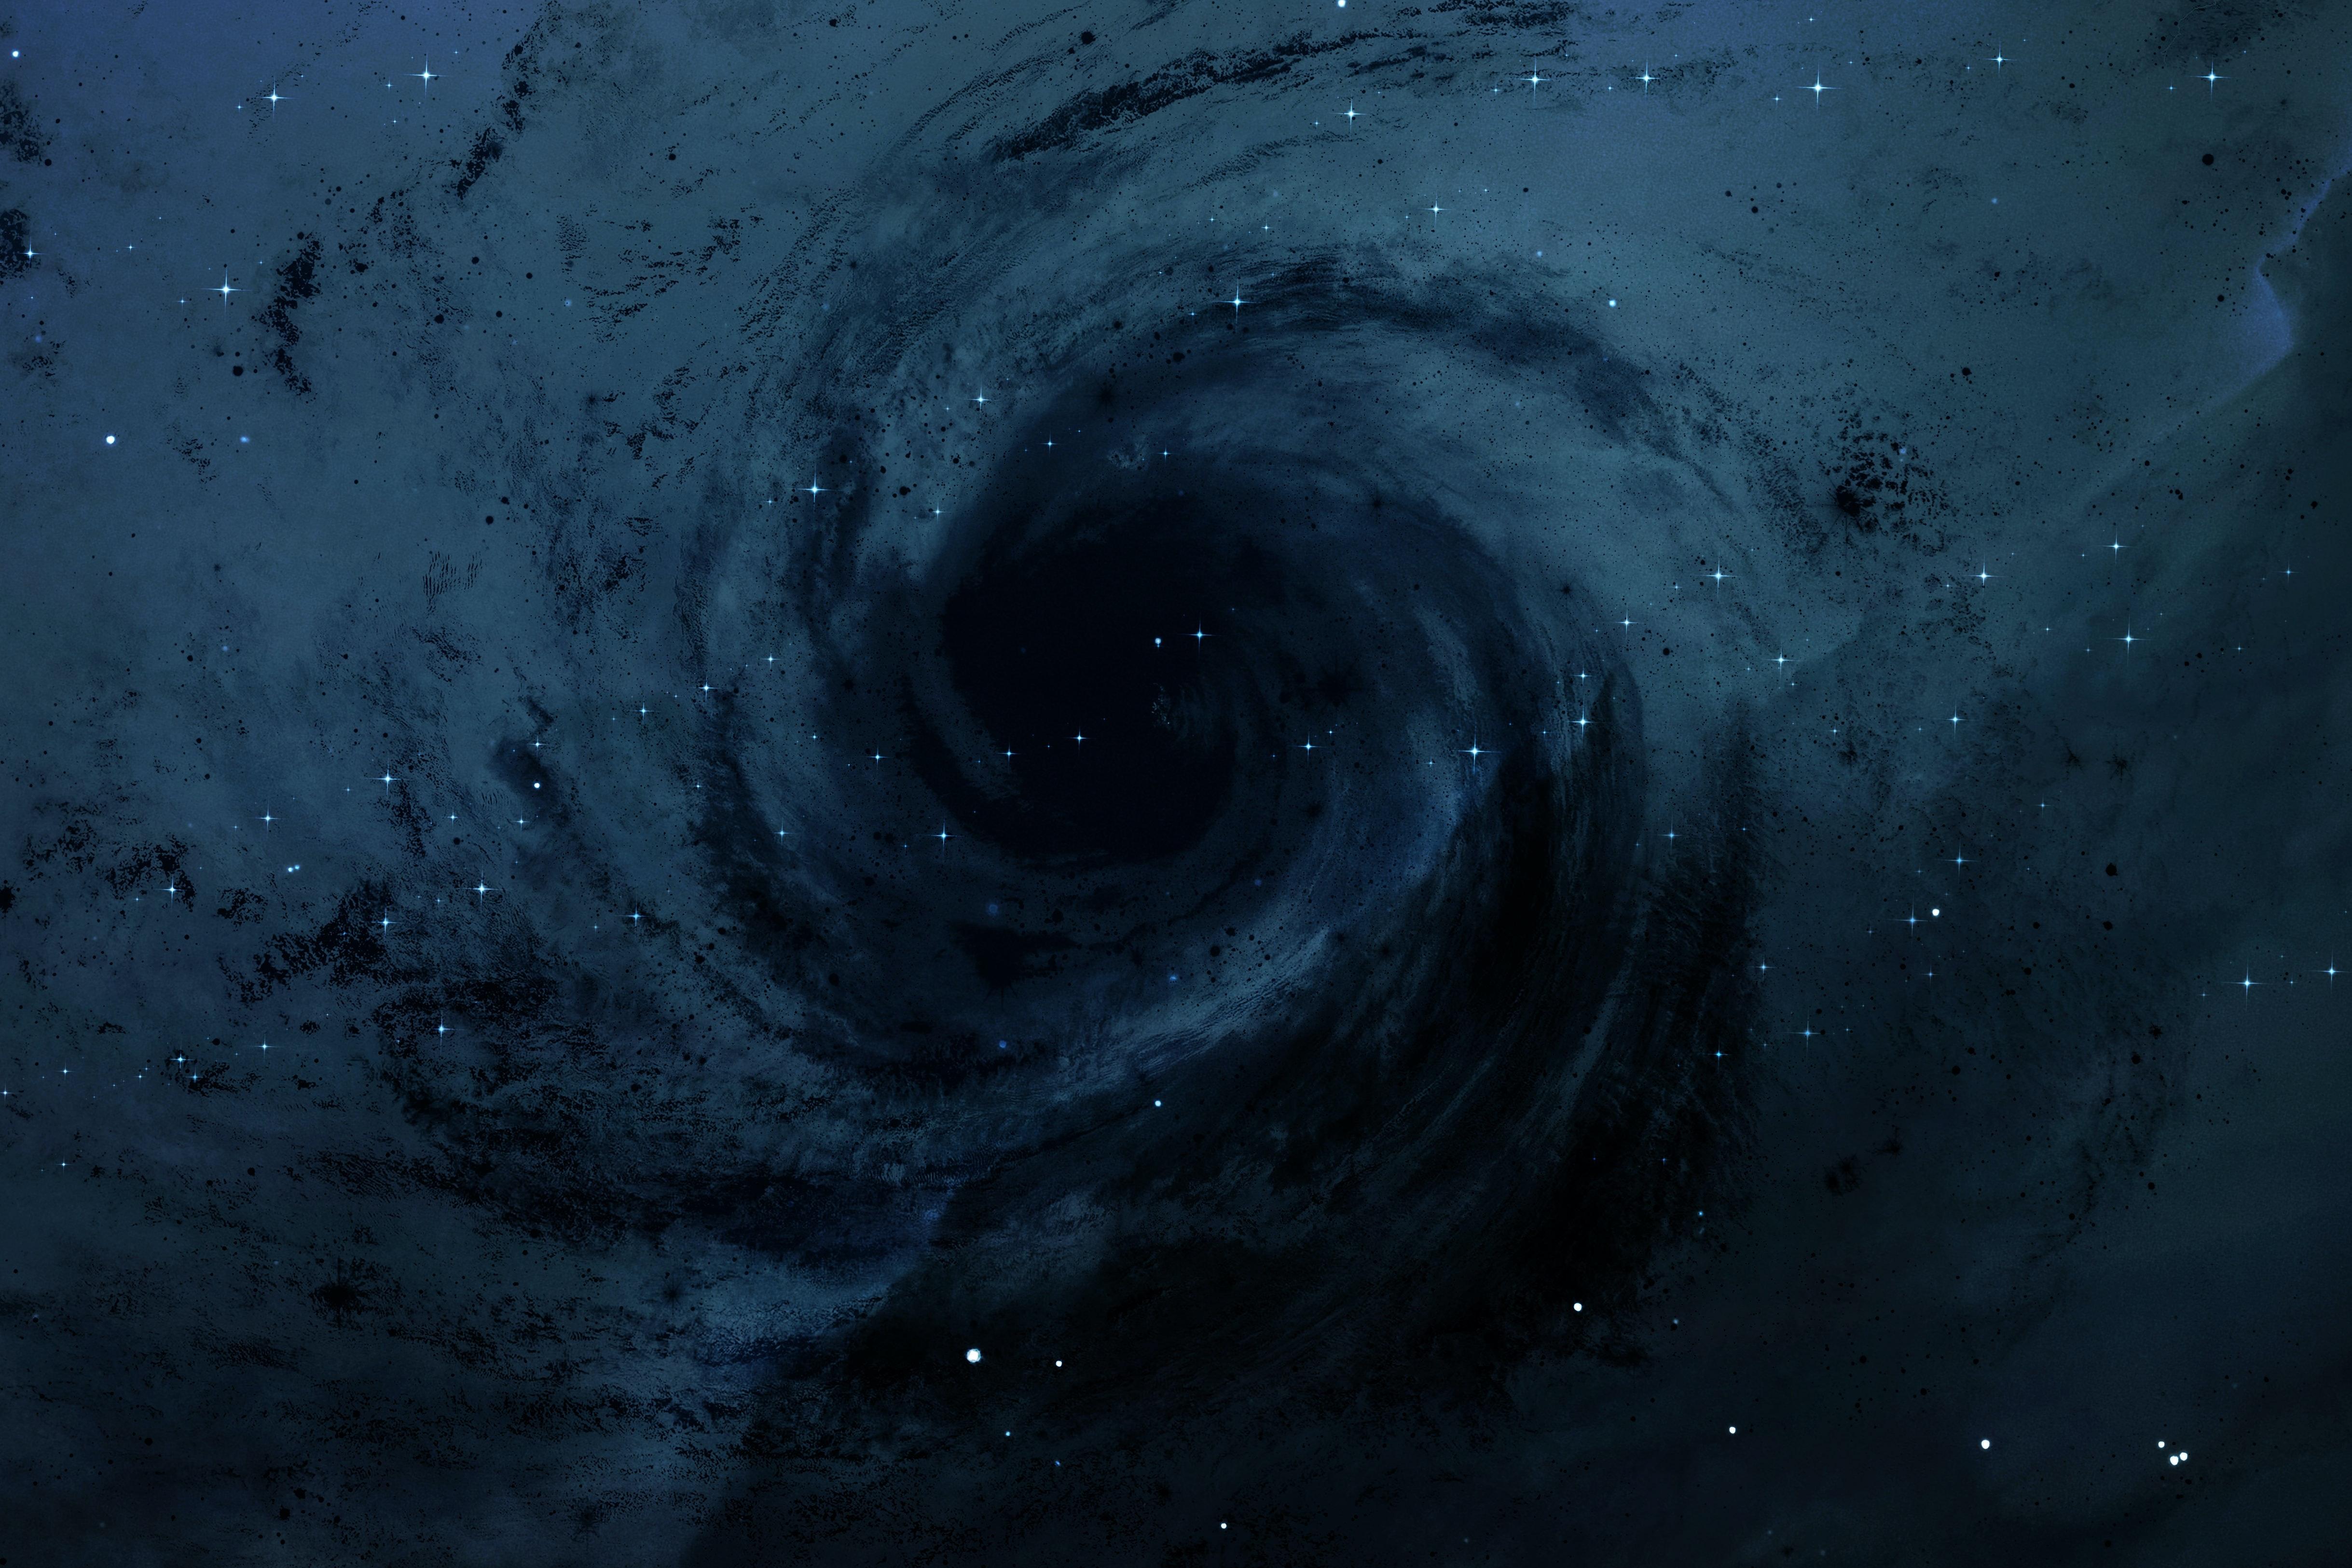 Hvordan opstår sorte huller?